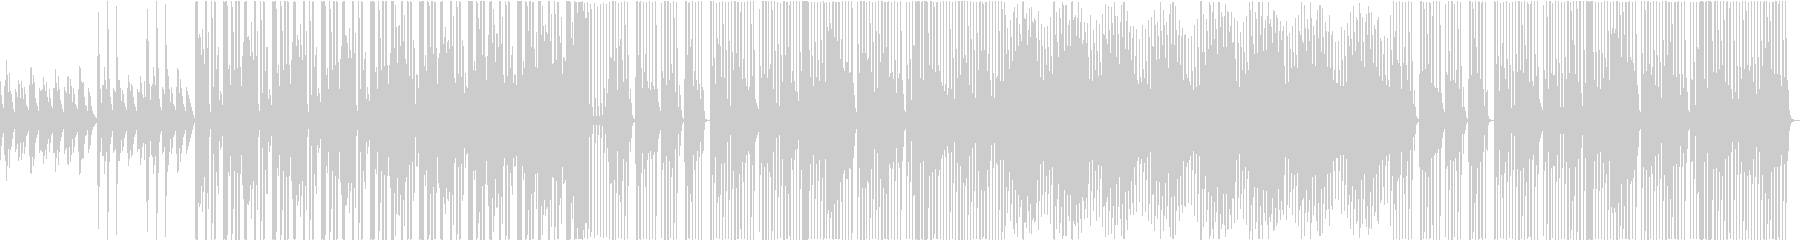 森・木・自然・ピアノ・かわいいポップスの未再生の波形